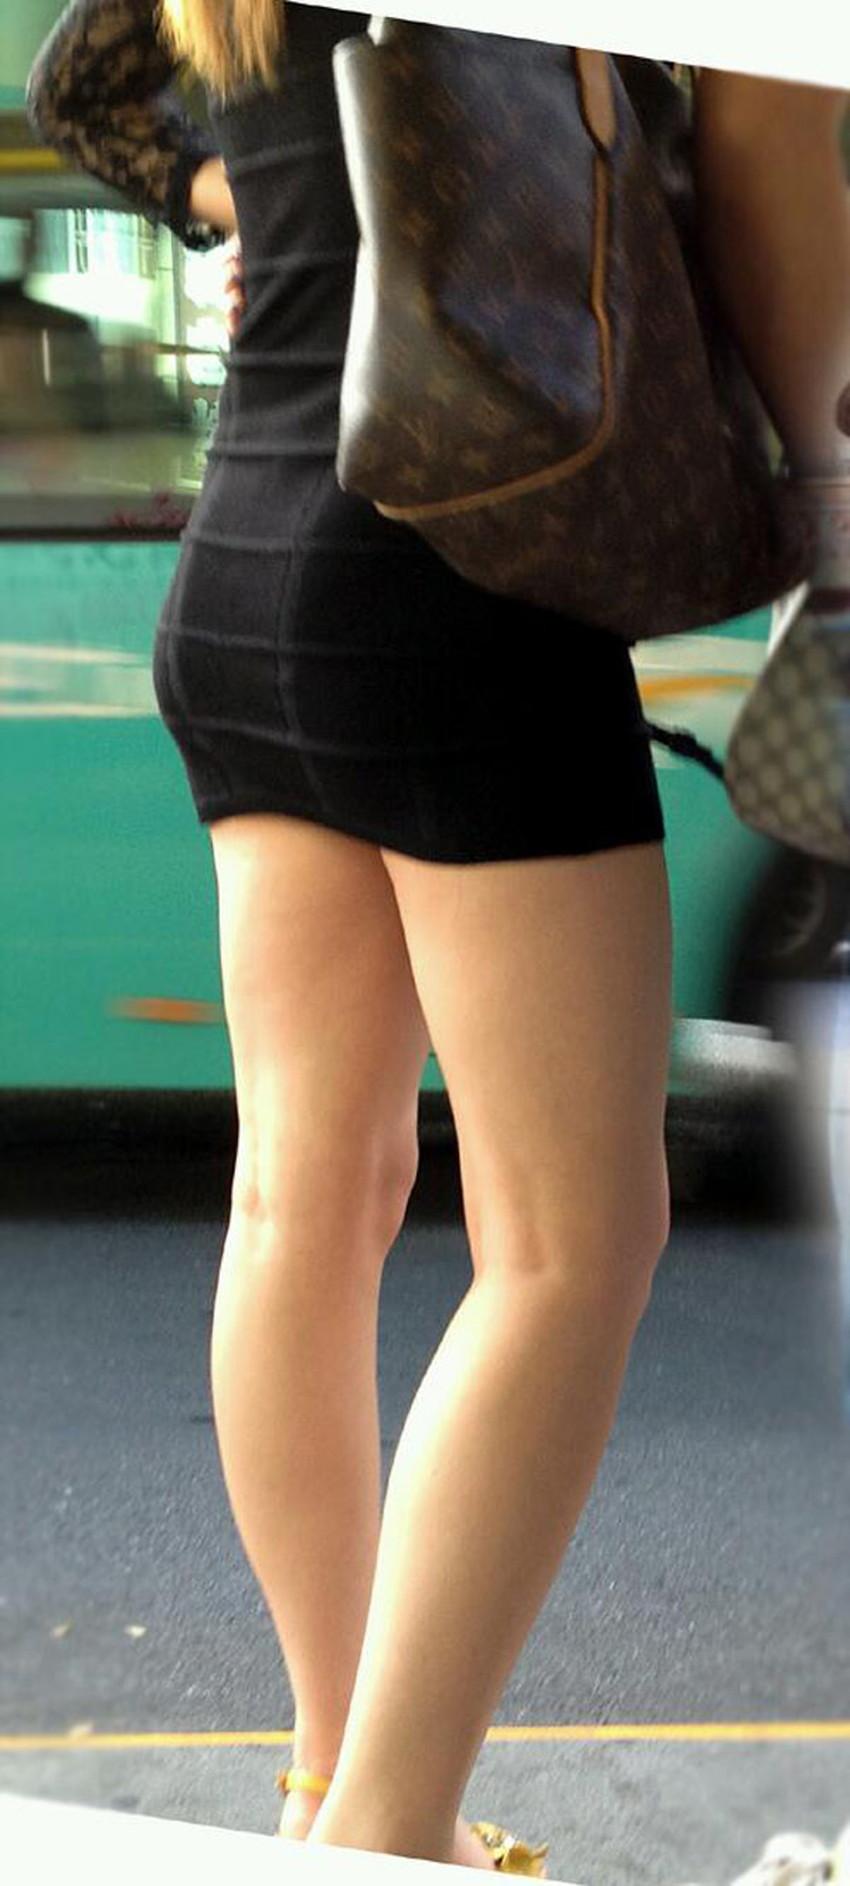 【膝裏フェチエロ画像】美少女JKや美脚お姉さんの膝裏は国宝級のエロさ!ww膝裏やもも裏を舐めてちんぽを擦りつけてる膝裏フェチのエロ画像集!ww【80枚】 38